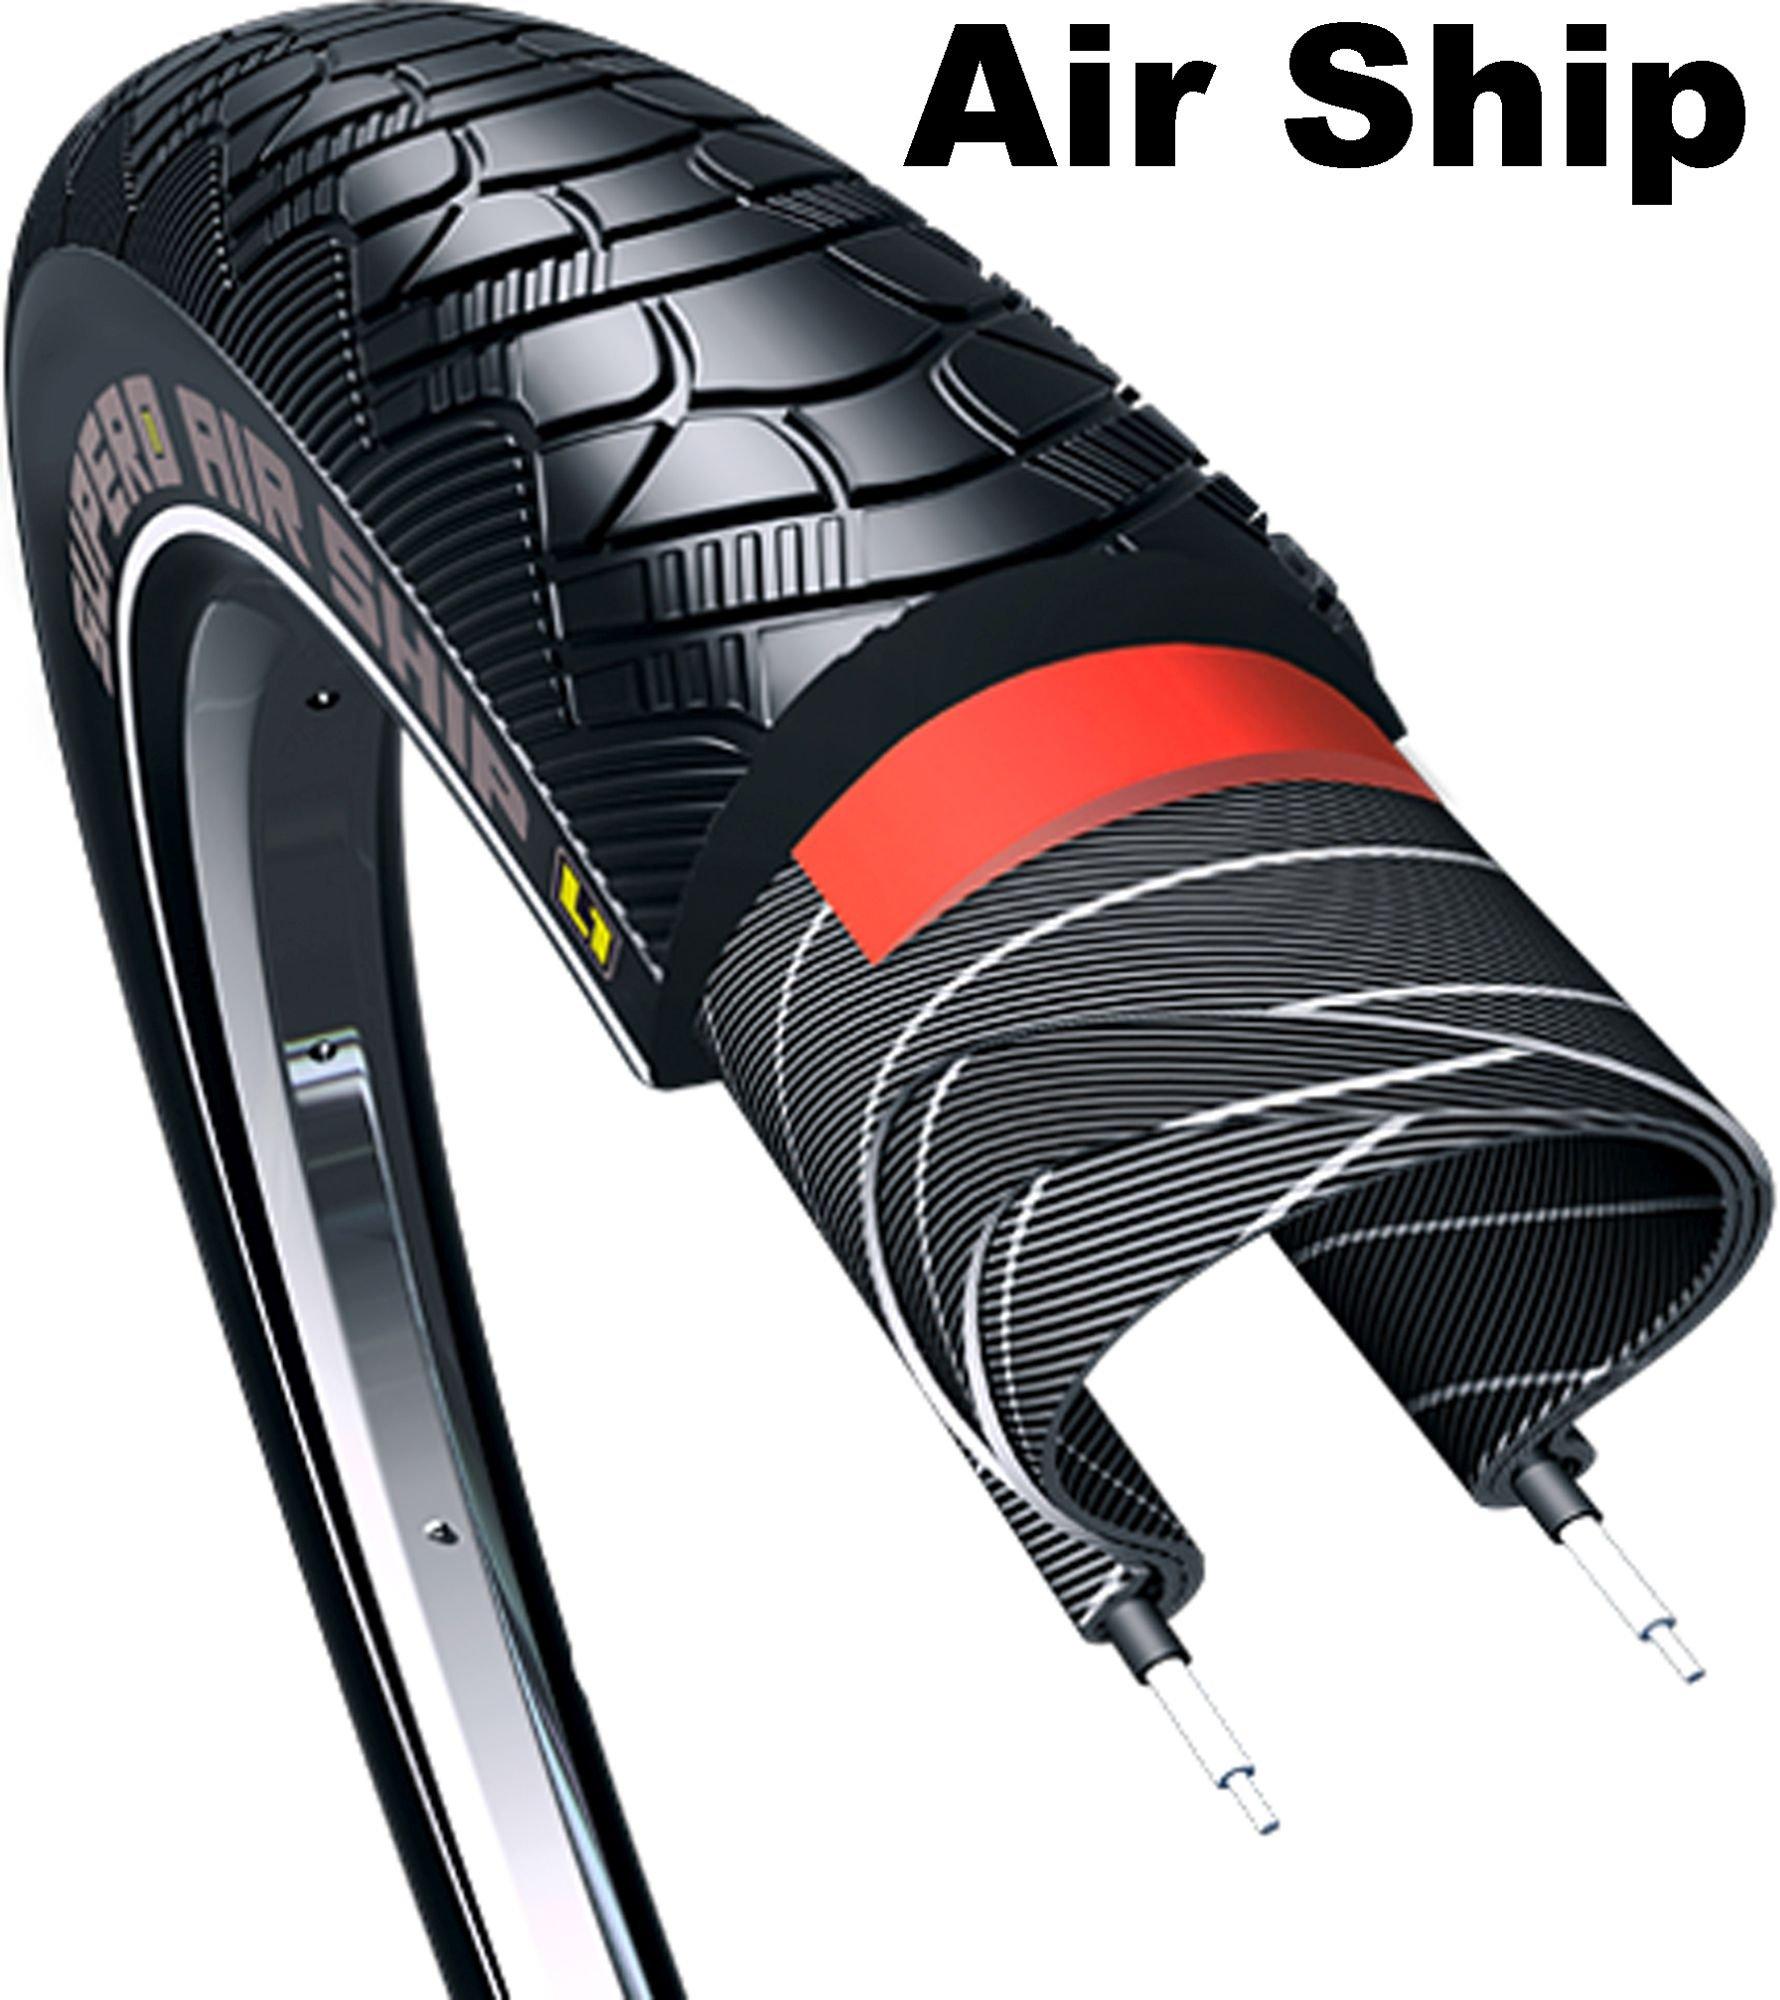 E-Bikes/Bereifung: Supero  E-Bike - Reifen - Drahtreifen- C1635 - 28 Zoll AIRSHIP (50-622)